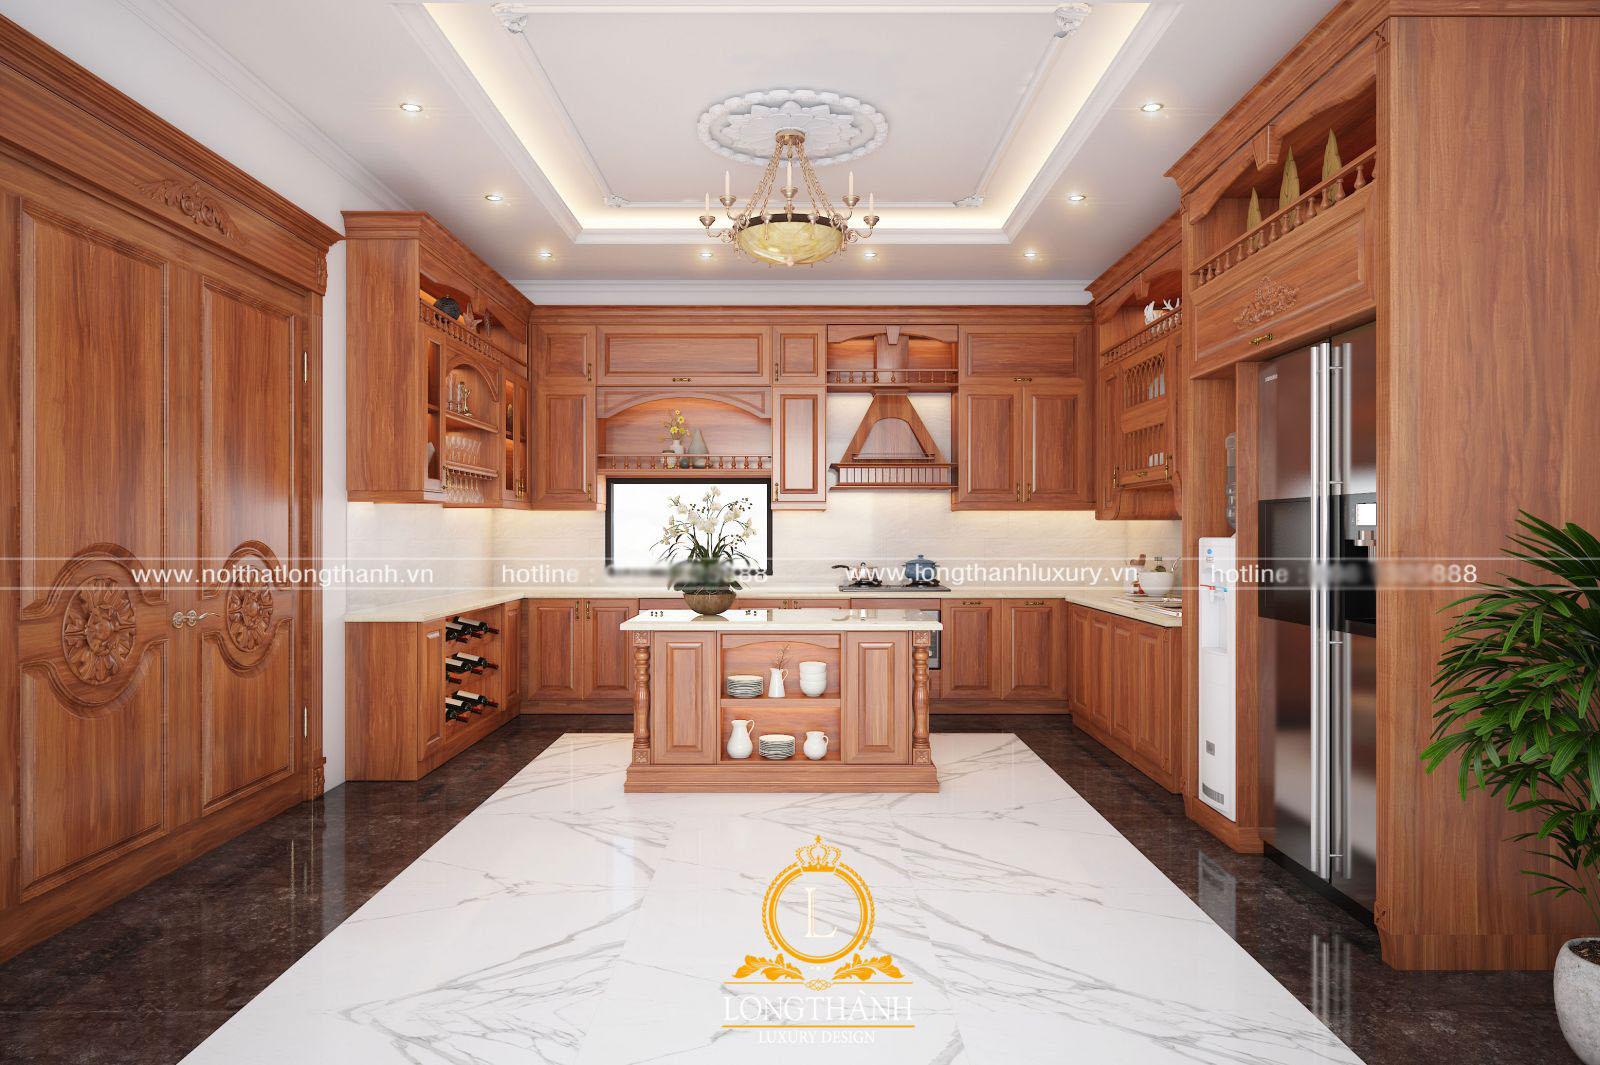 Thiết kế tủ bếp gỗ Gõ hiện đại kết hợp bàn đảo